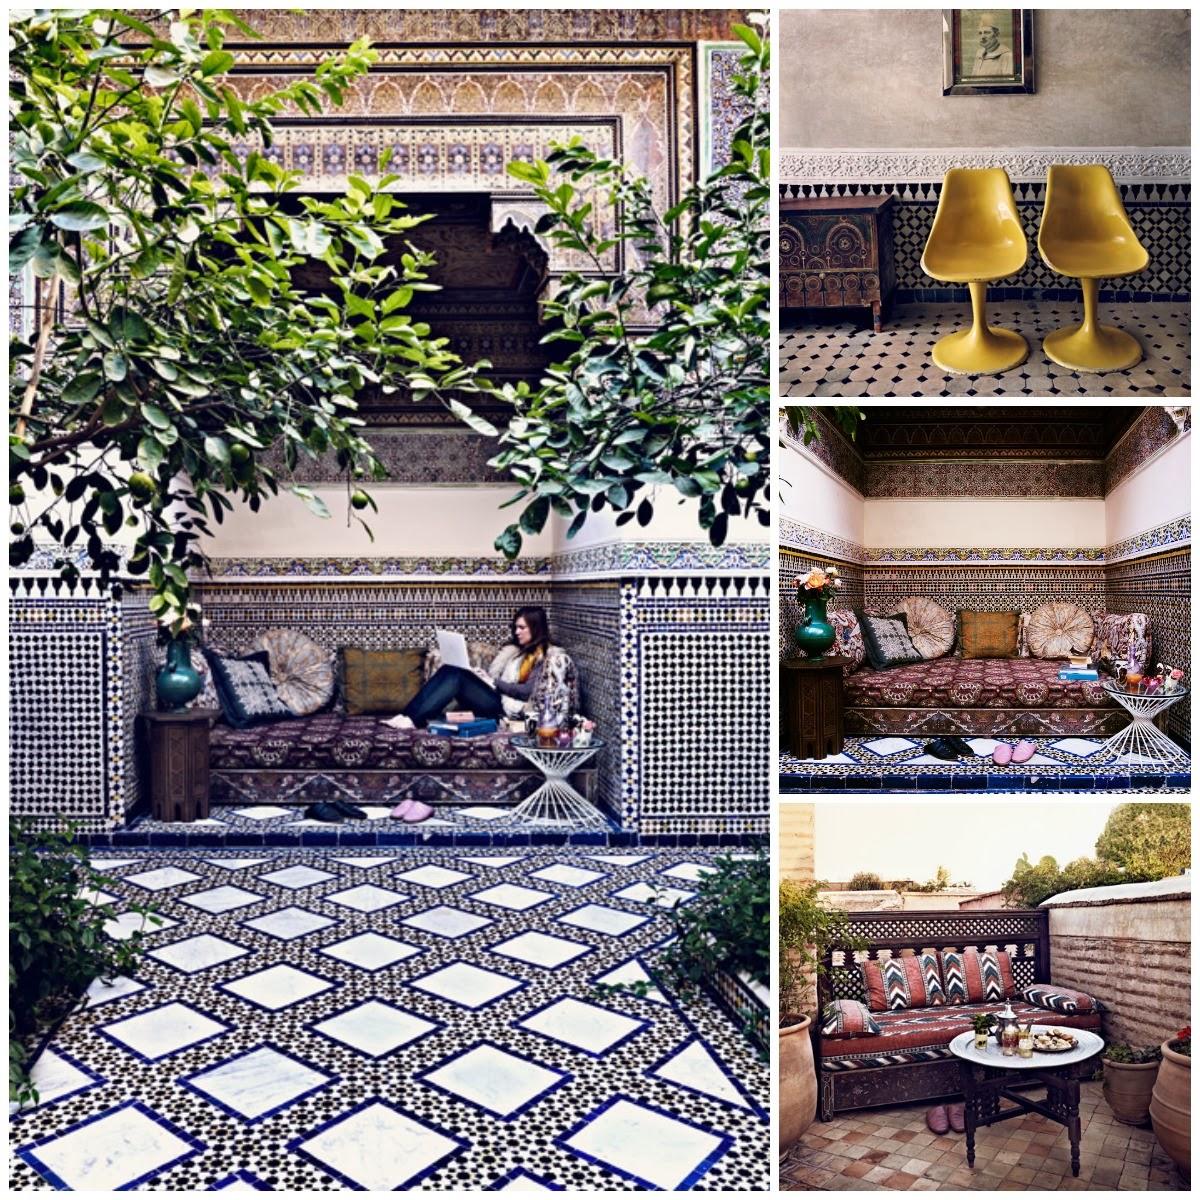 El tiempo entre costuras, Marruecos, La Musa Decoración,Jardines, Terraza, Exterior, Outdoor, garden